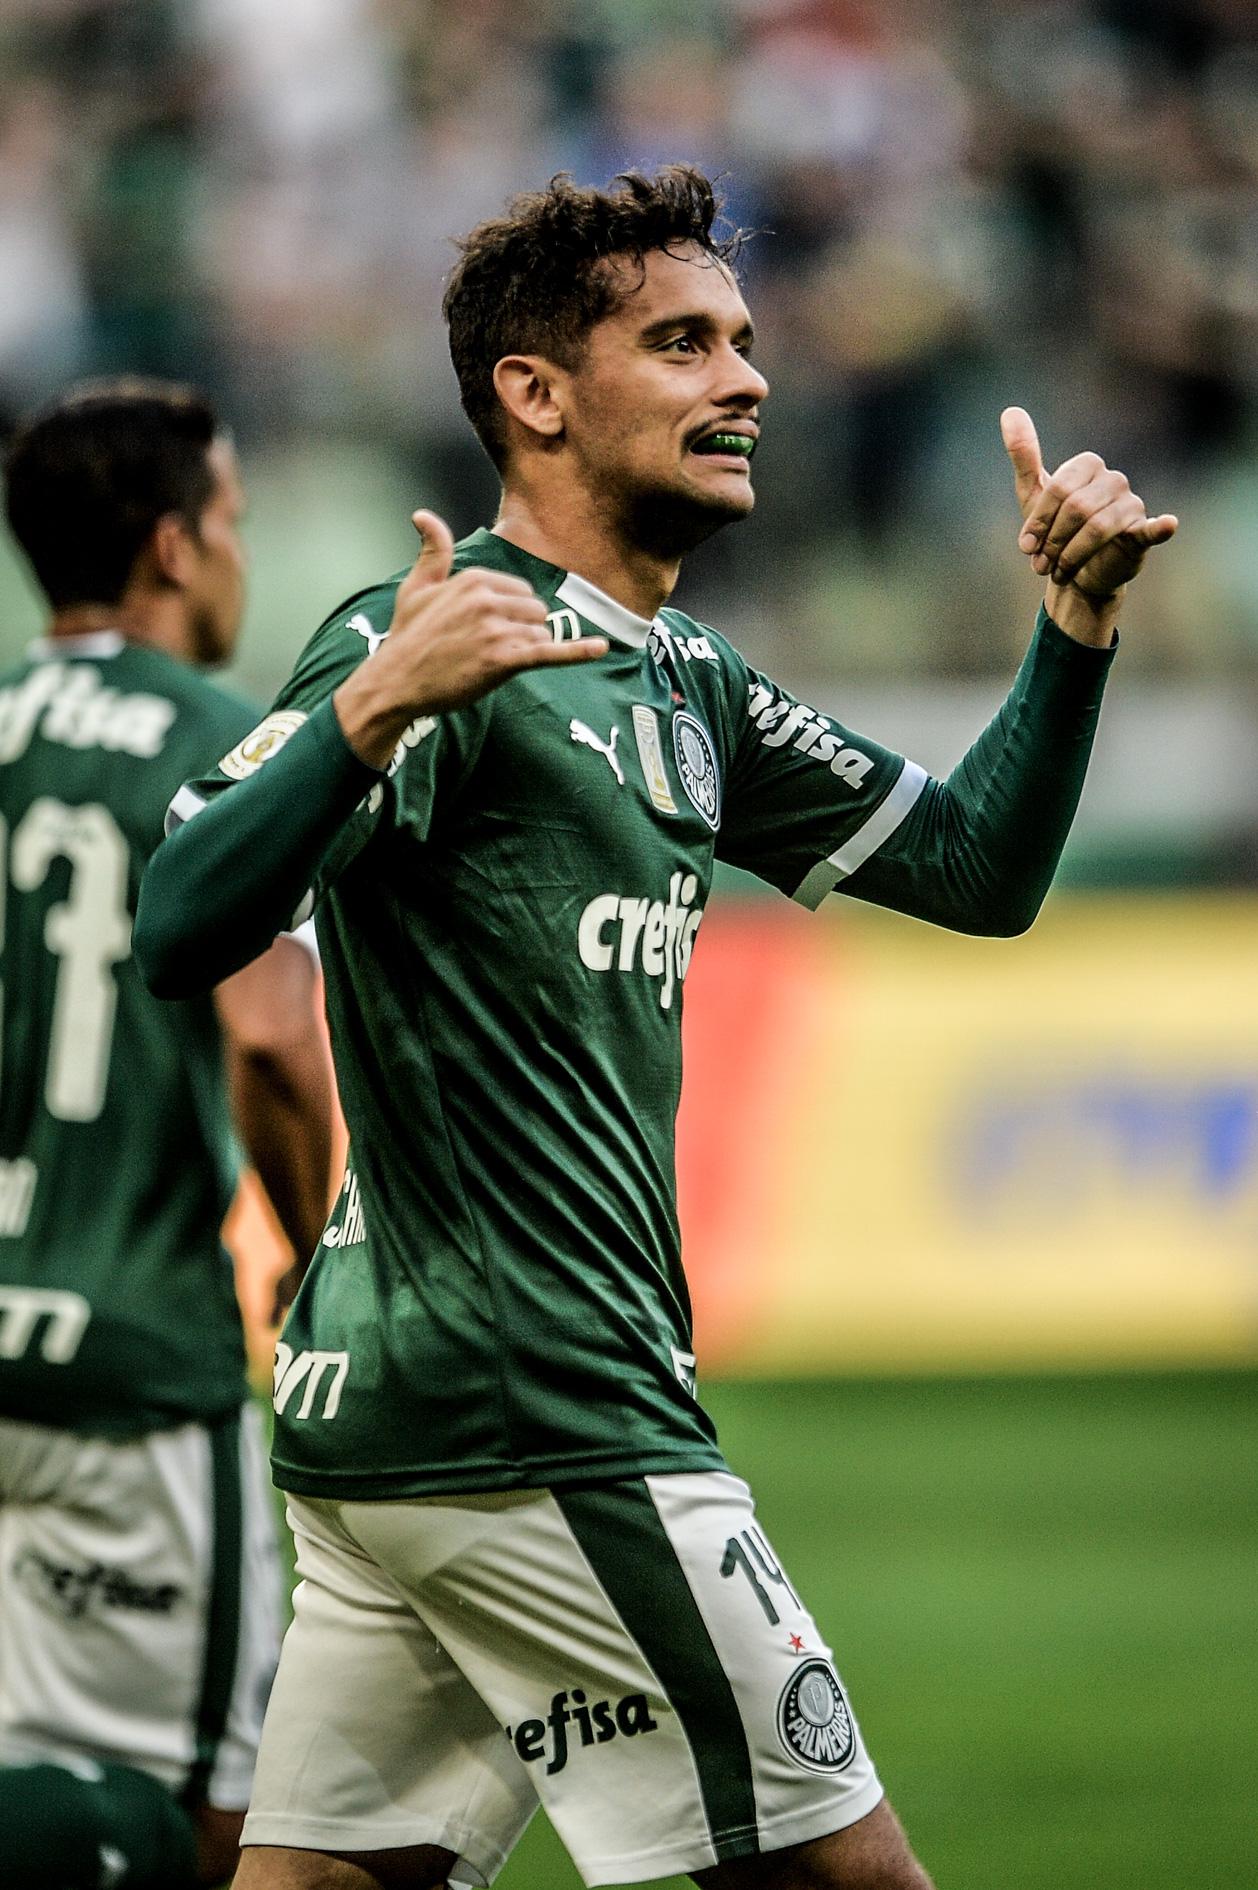 Palmeiras_X_Vasco_dudabairros_Agif_0693.